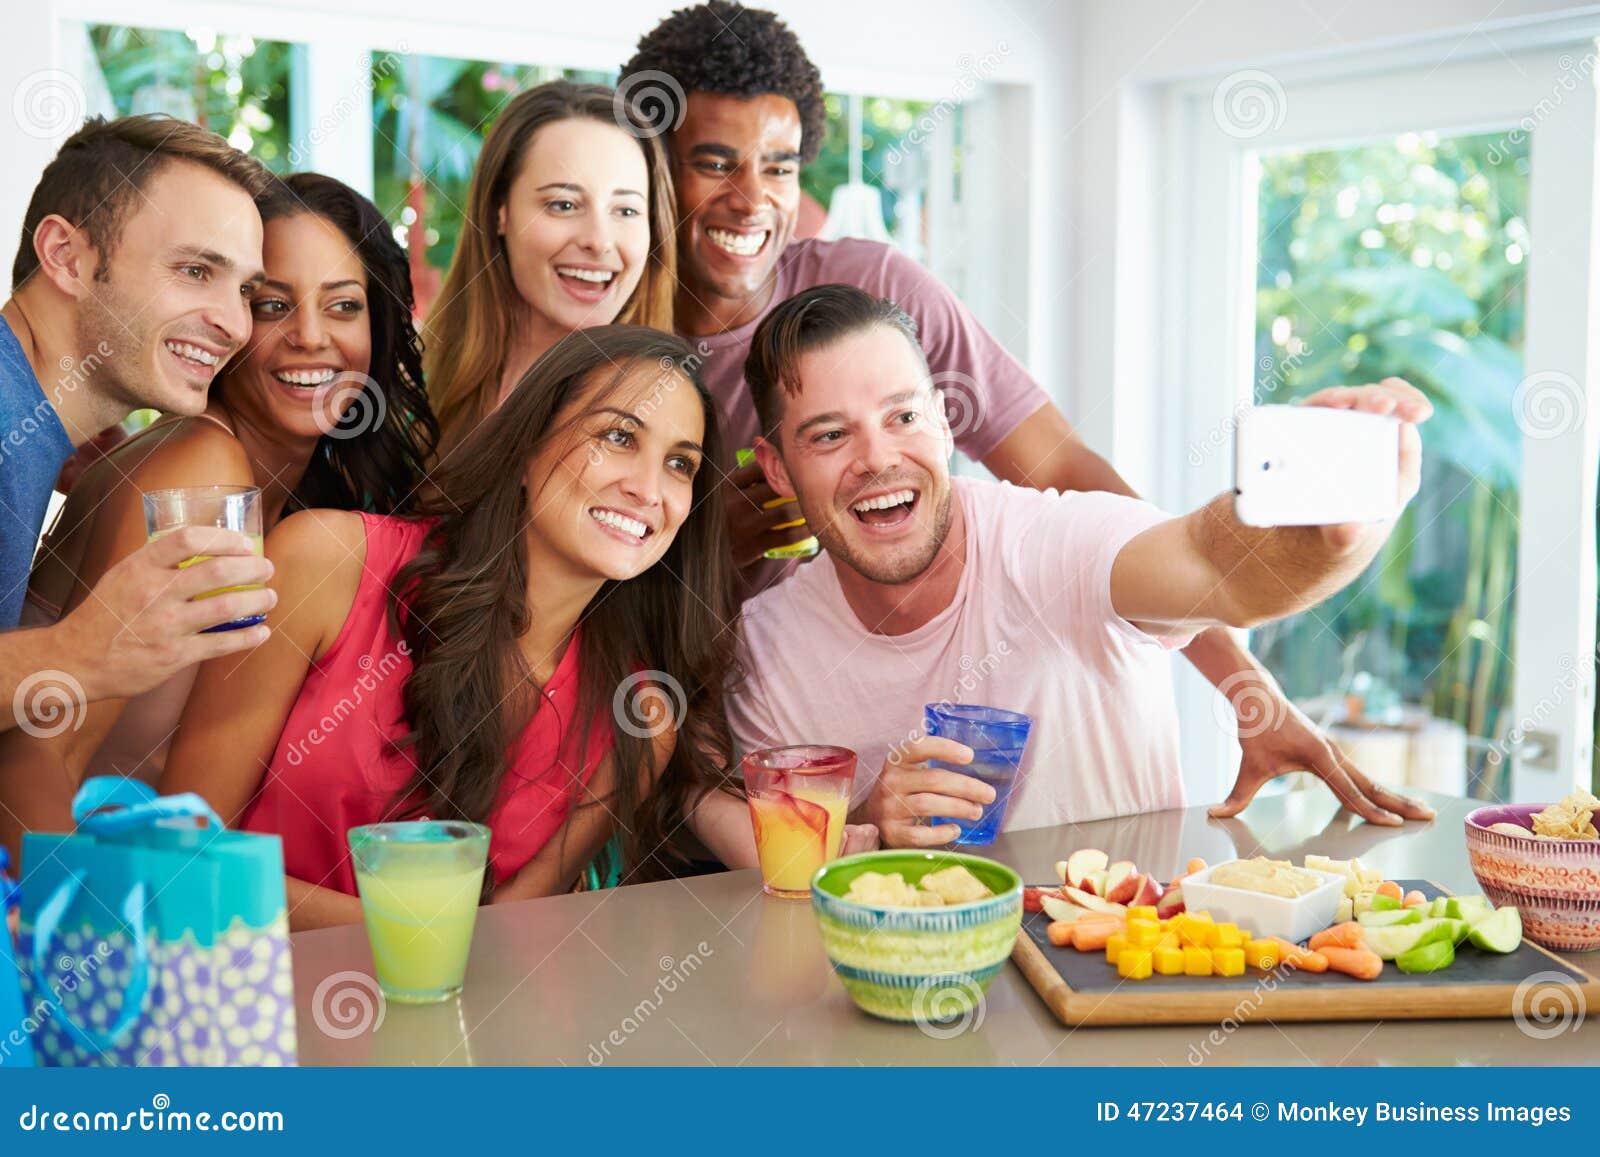 Ομάδα φίλων που παίρνουν Selfie ταυτόχρονα γιορτάζοντας τα γενέθλια